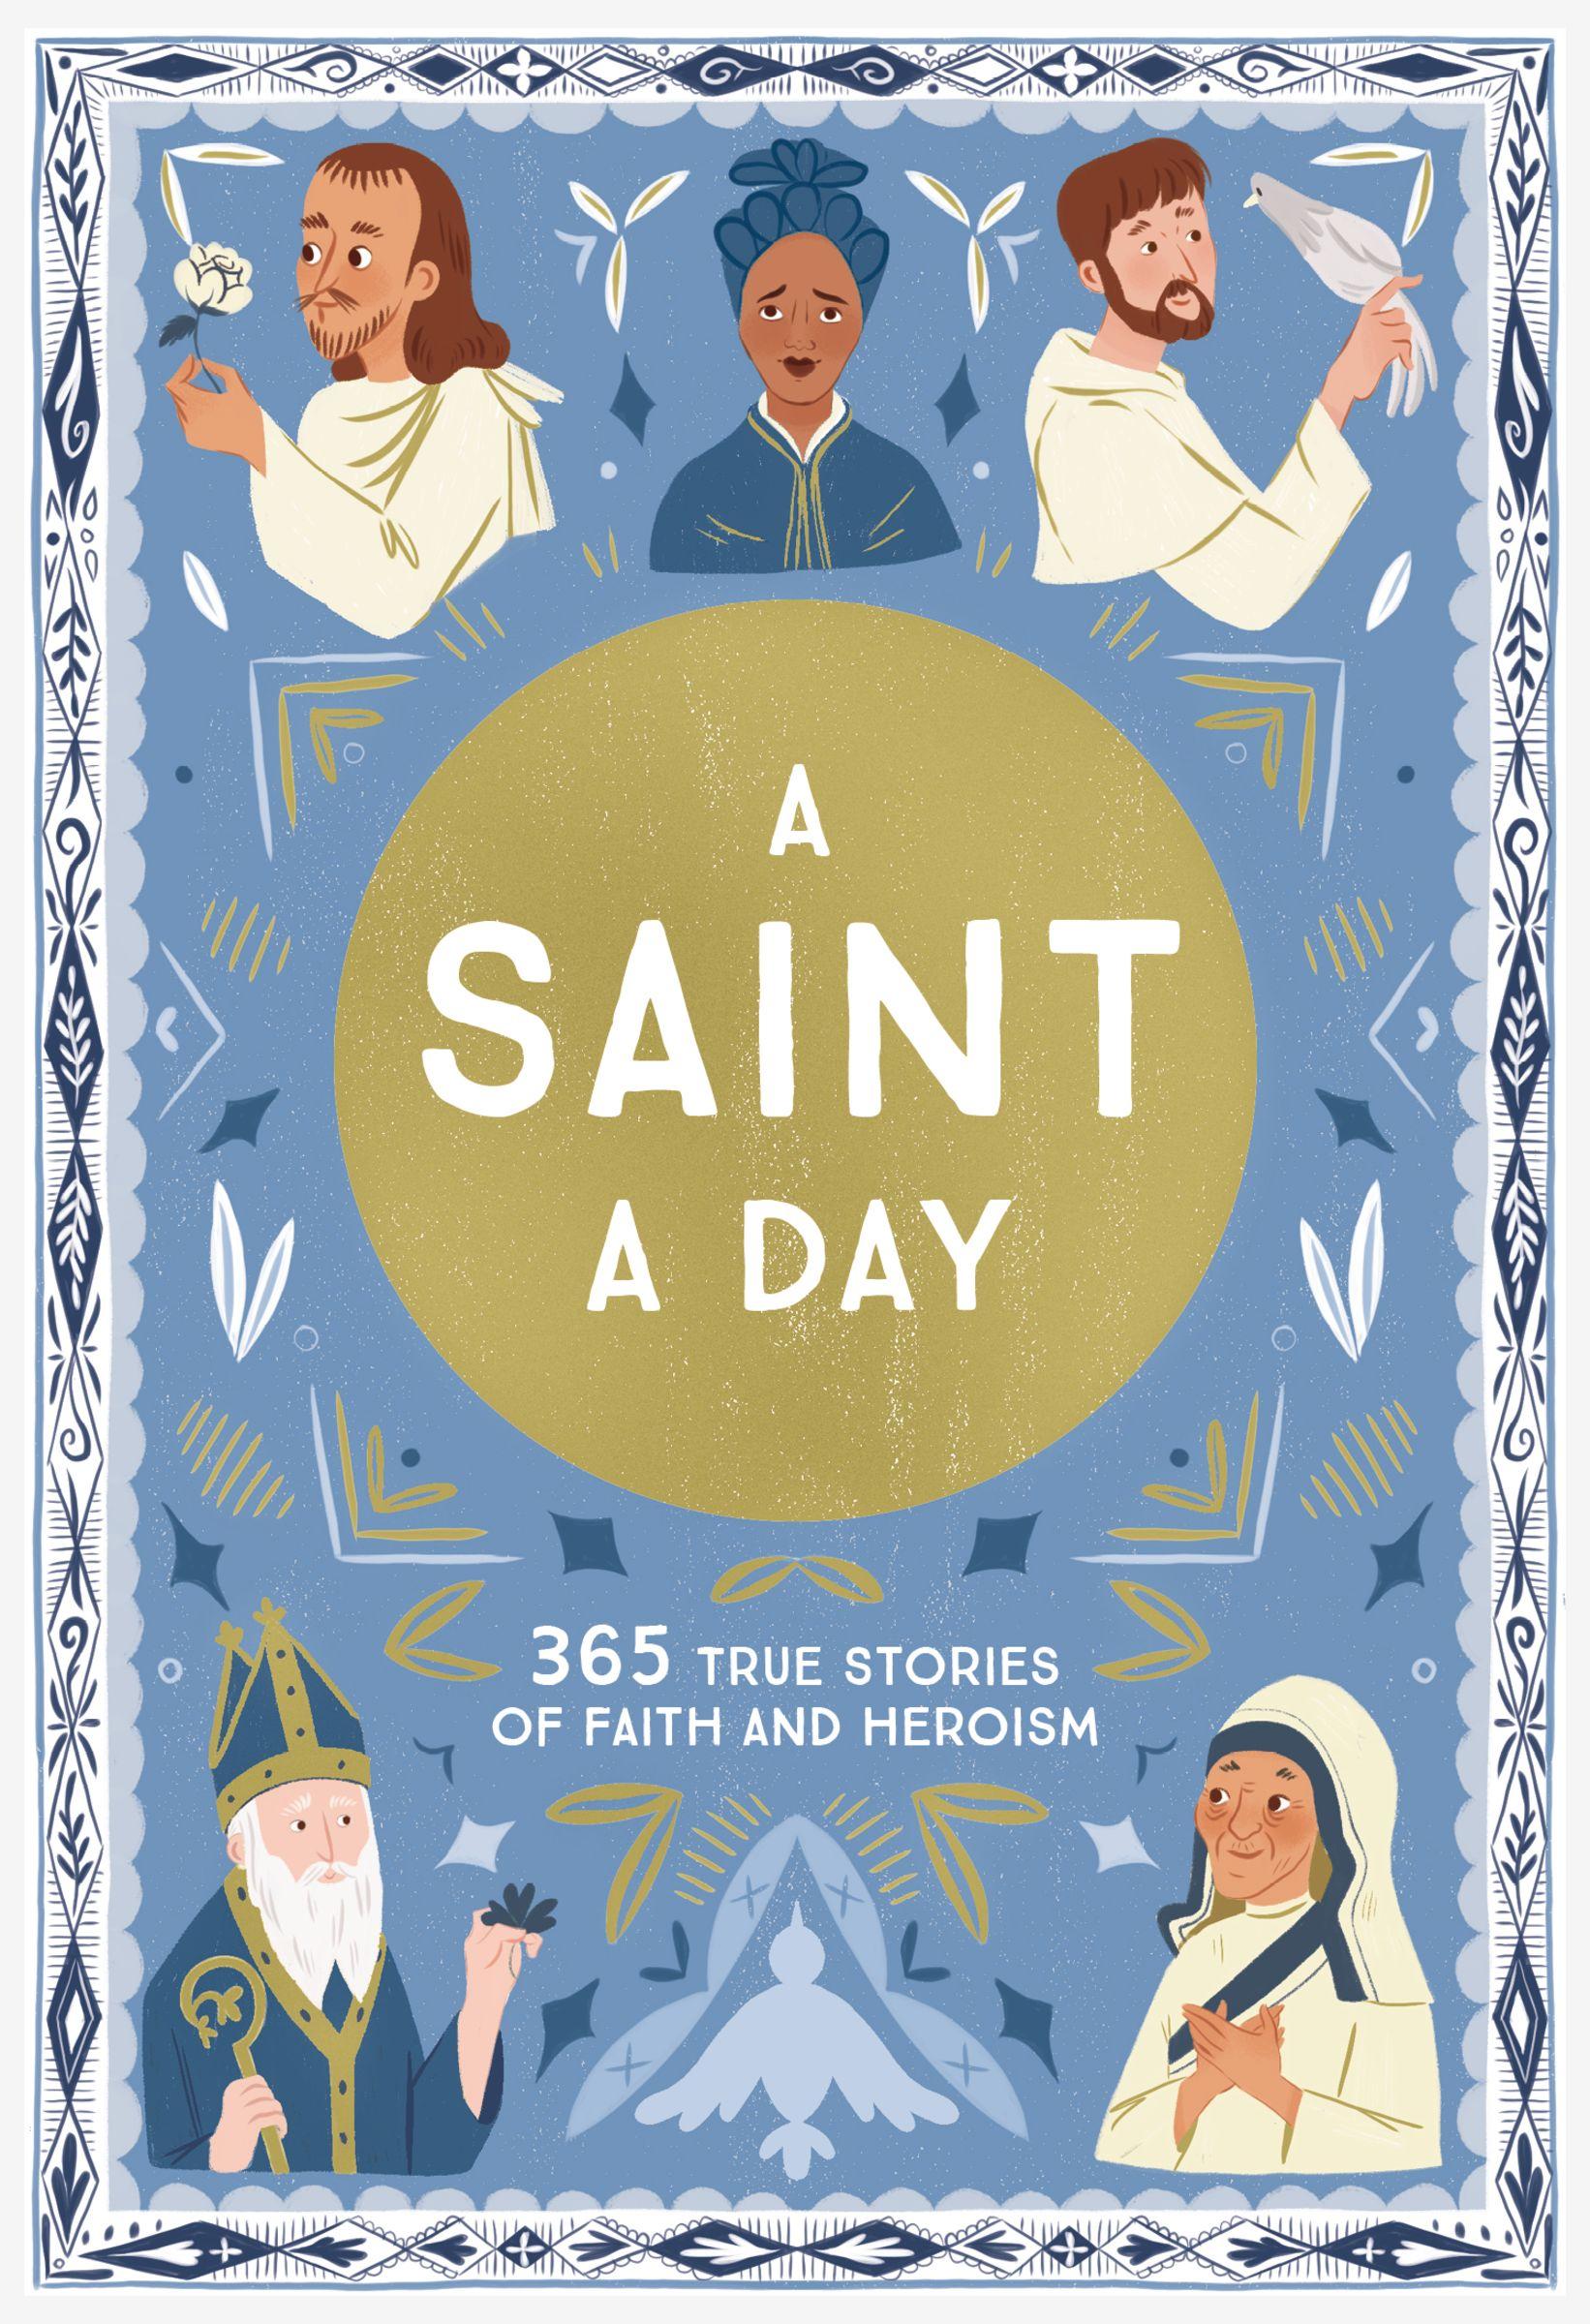 A Saint a Day